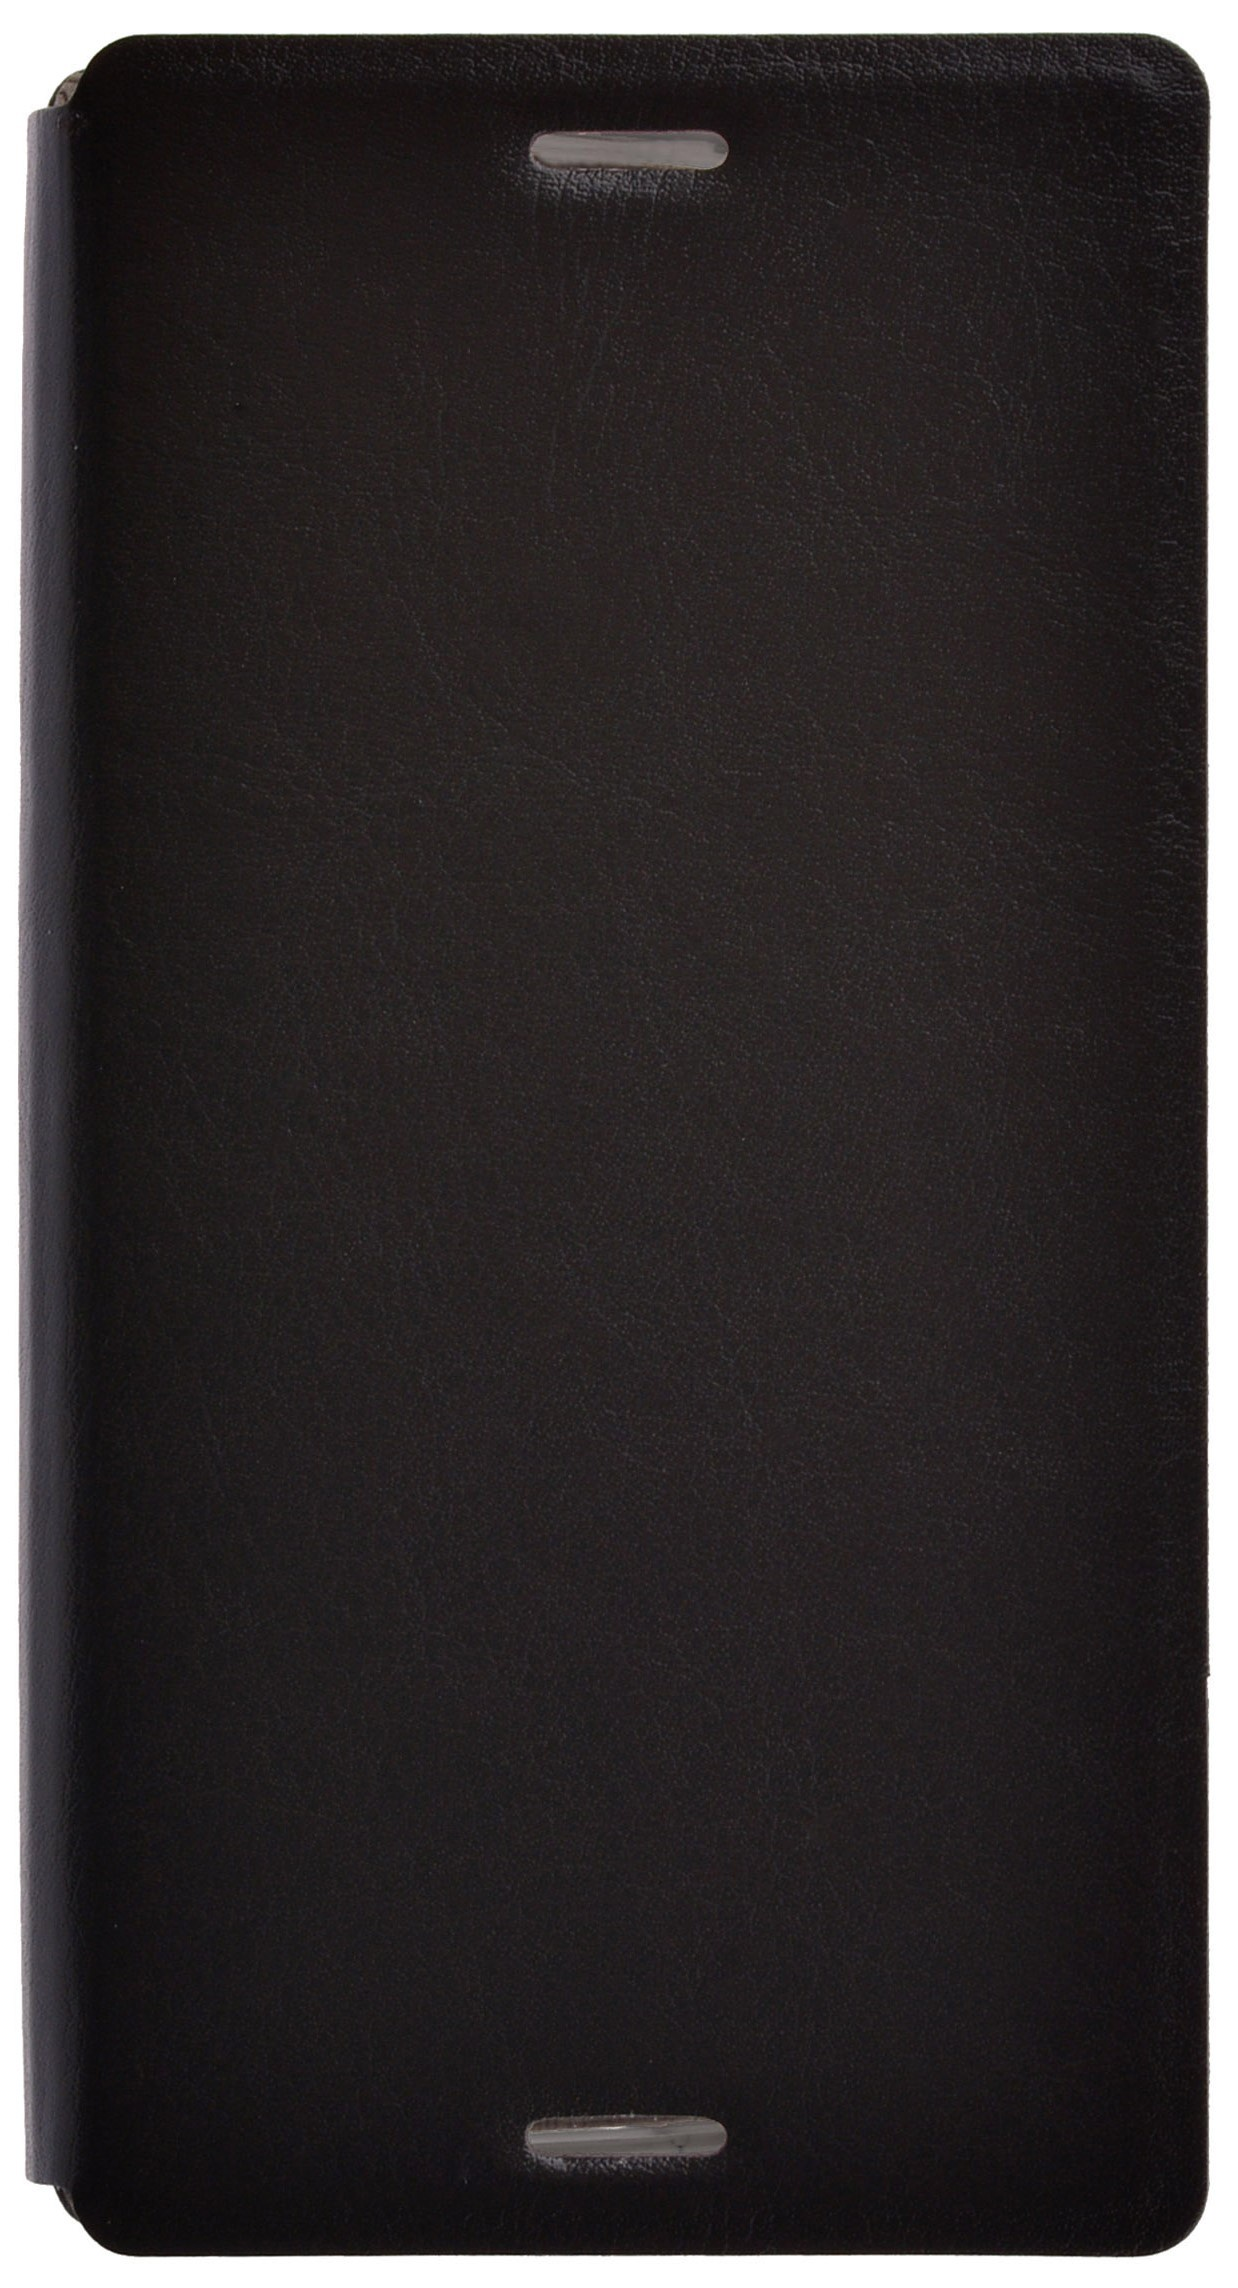 Чехол для сотового телефона skinBOX Lux, 4630042528659, черный стоимость